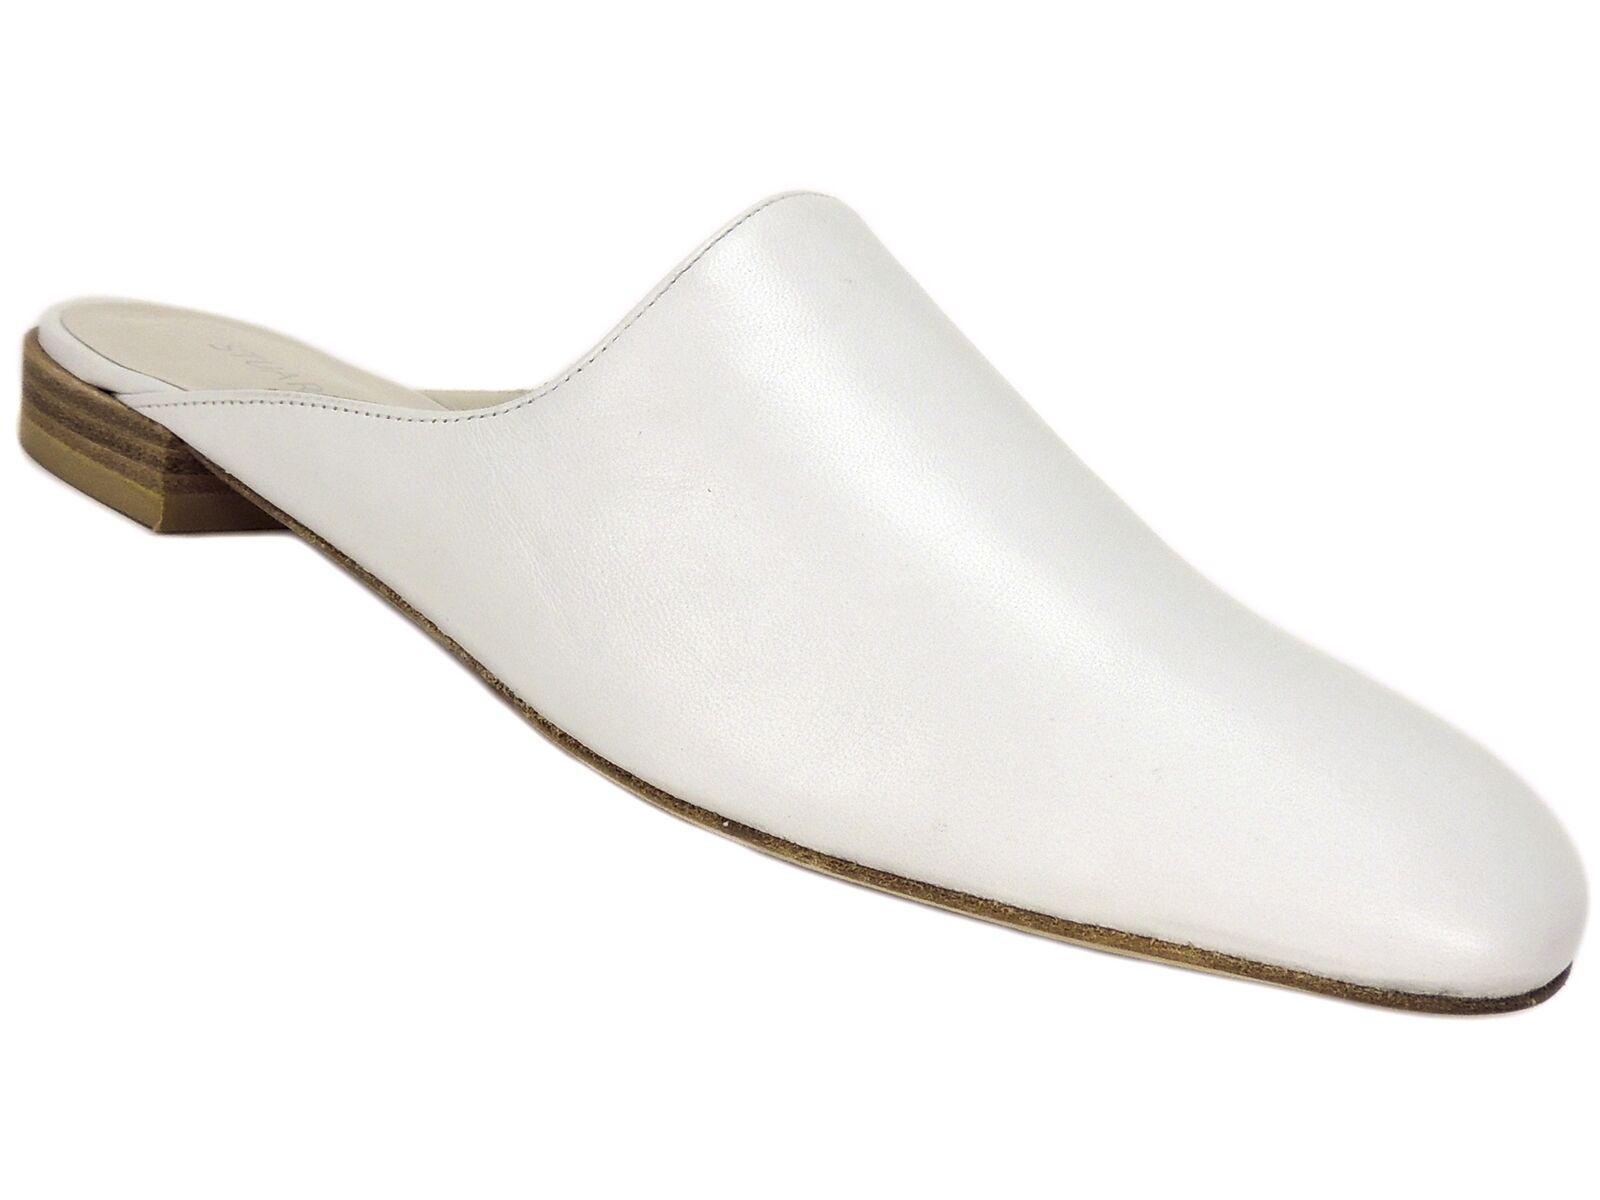 Stuart Weitzman Women's Mulearky Mules White Nappa Leather Size 5.5 M